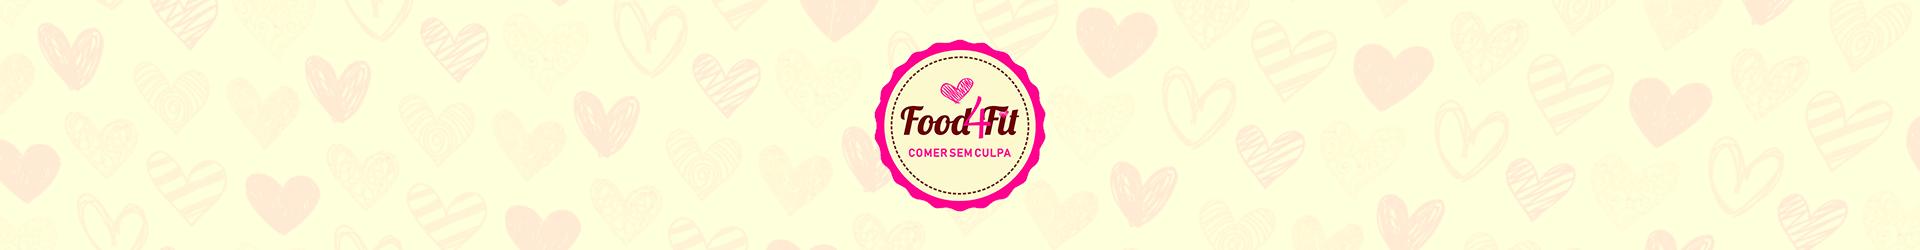 MARCA - Food4Fit